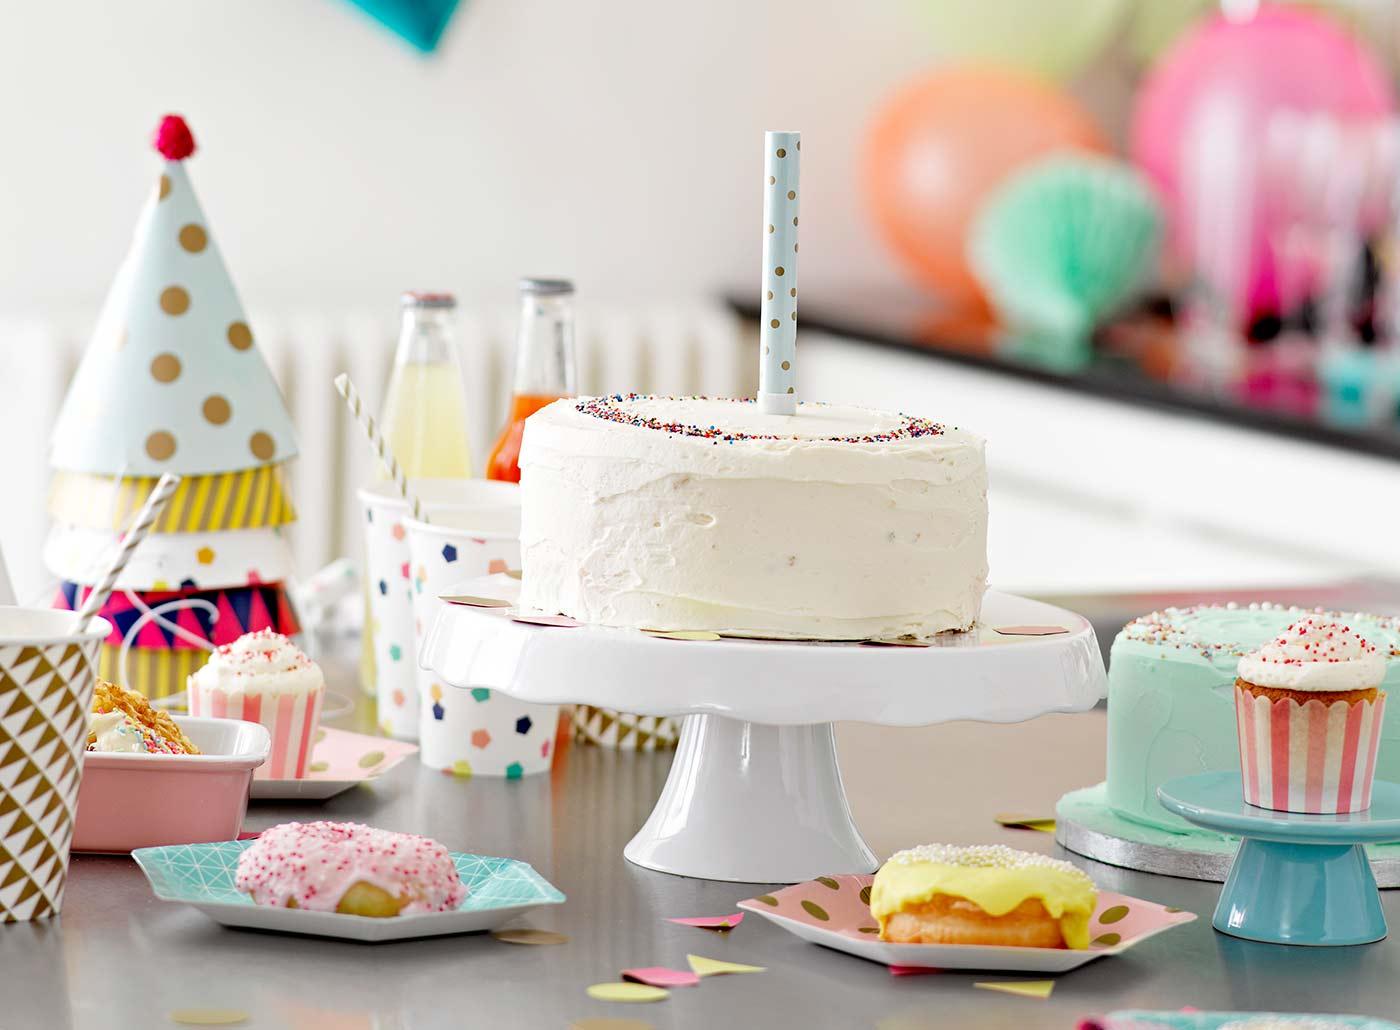 Come organizzare una festa di compleanno consigli PalaParty